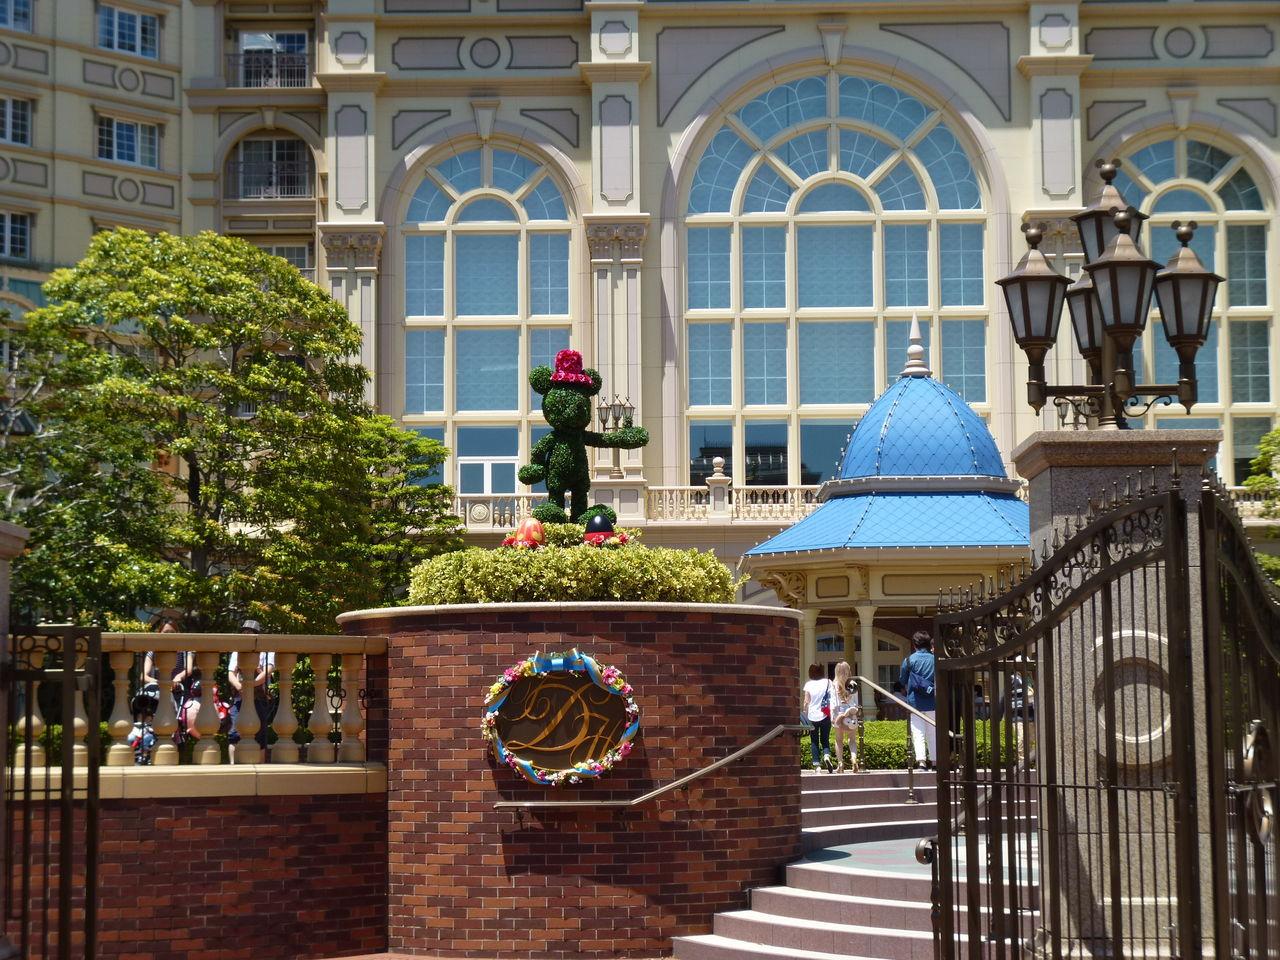 ディズニーランドホテルとホテルミラコスタの違いは?